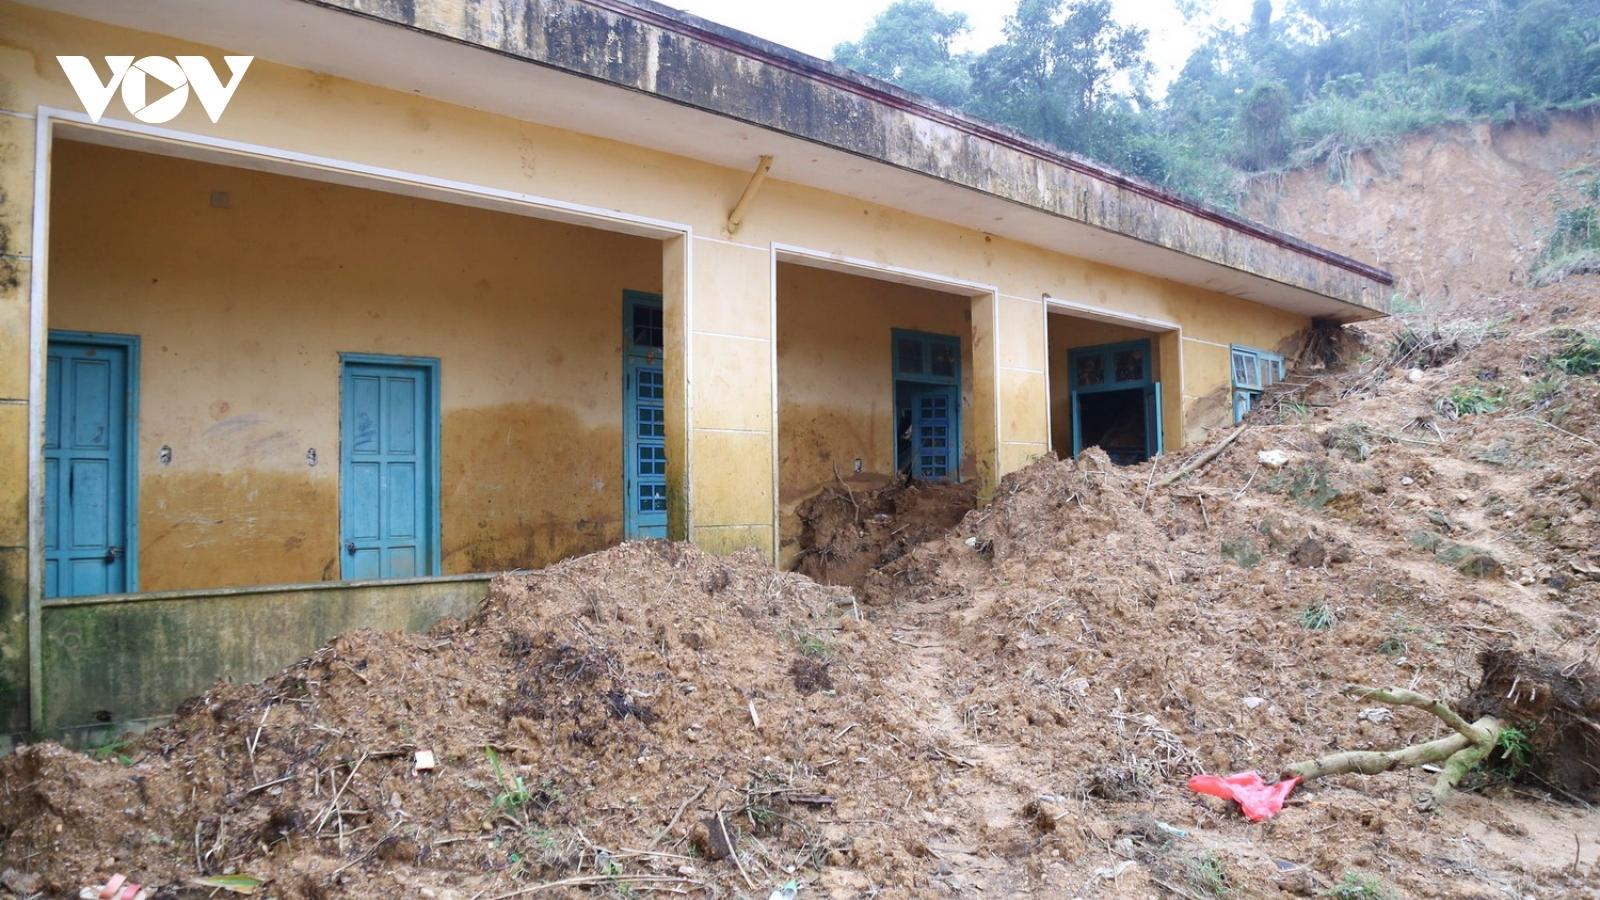 Nhà bán trú bị vùi lấp, học sinh miền núi xin ở nhà dân để đi học